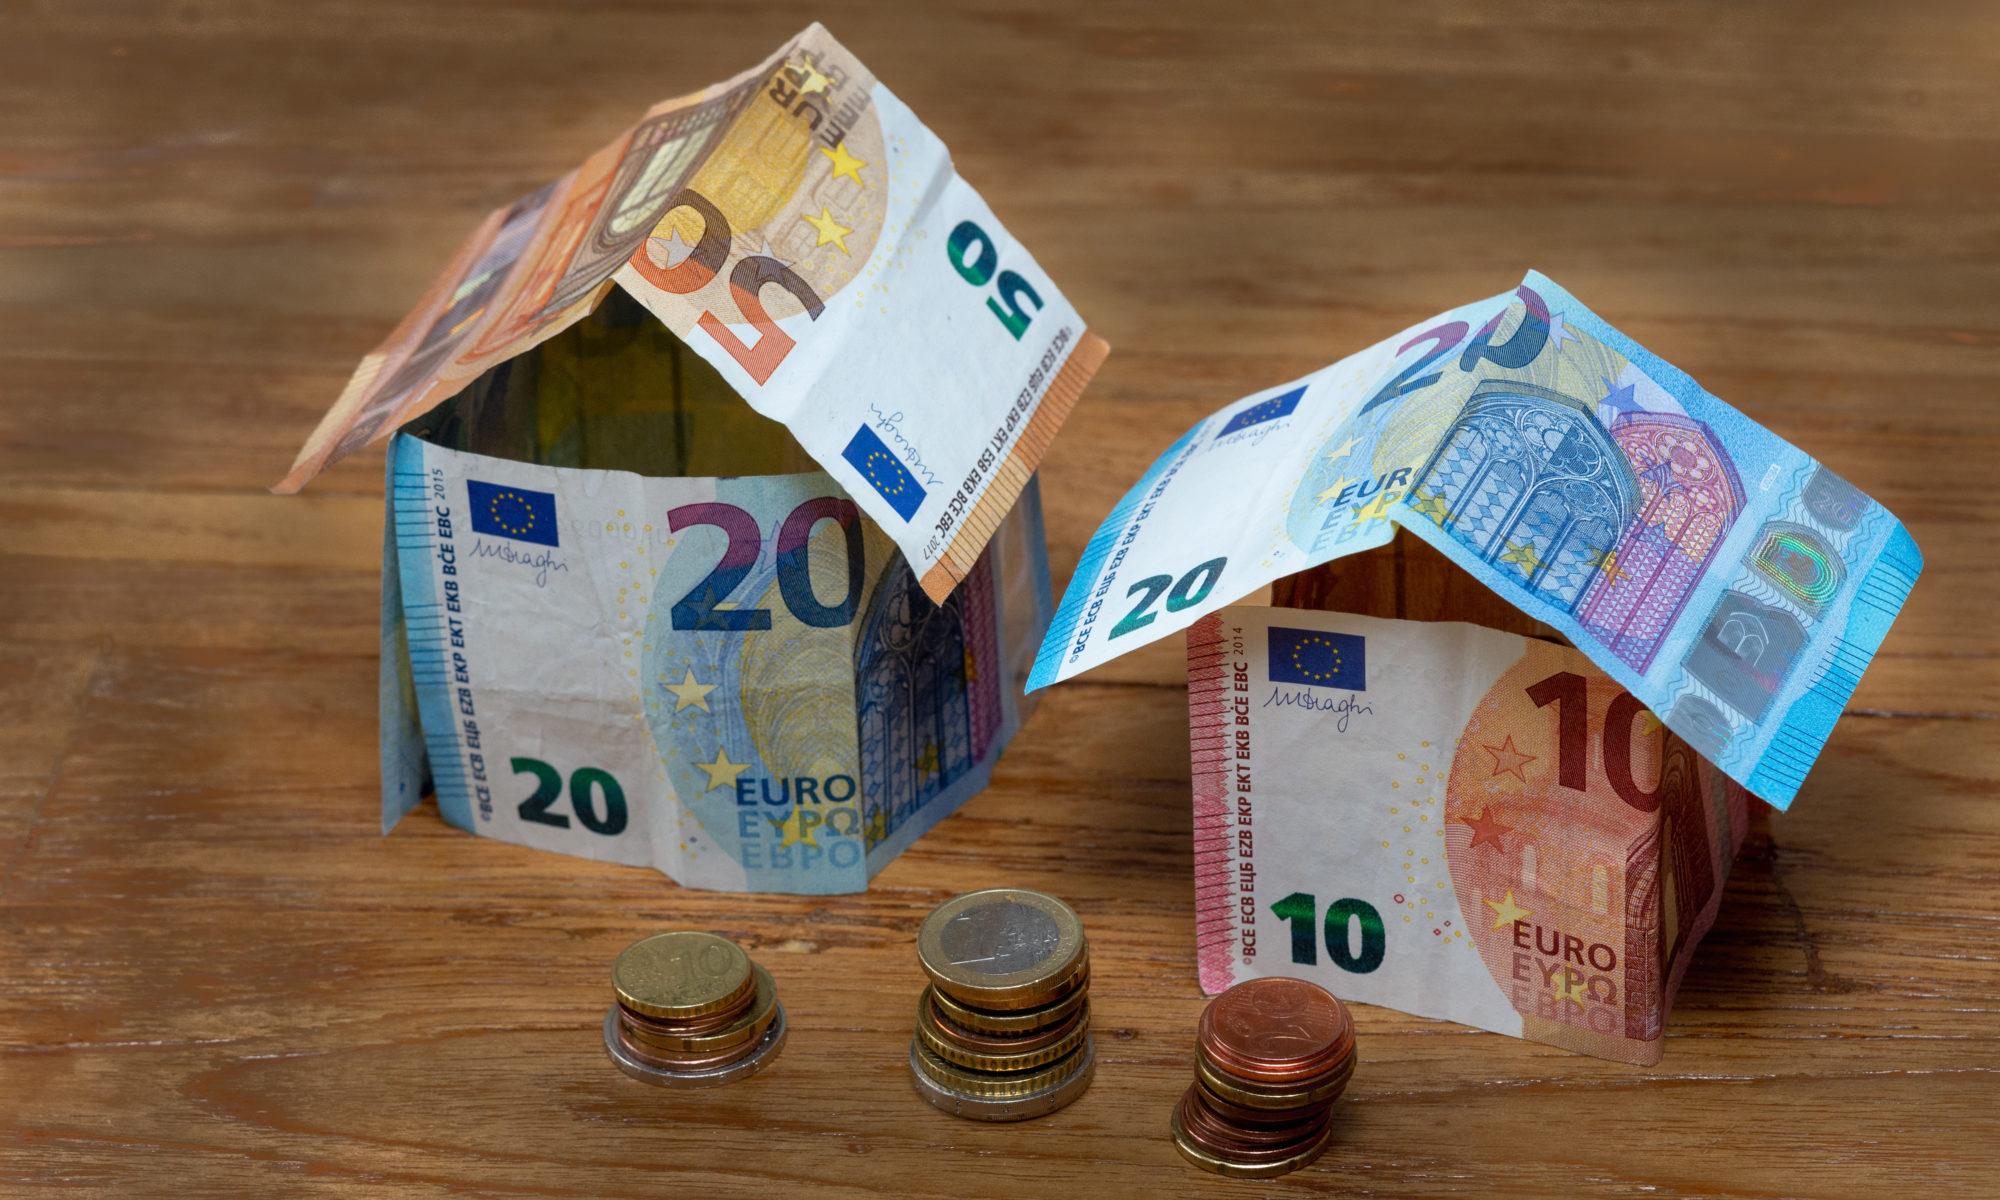 AdobeStock 250397226 2000x1200 - Hartz IV: Niedersachsen will Kosten der Unterkunft streichen